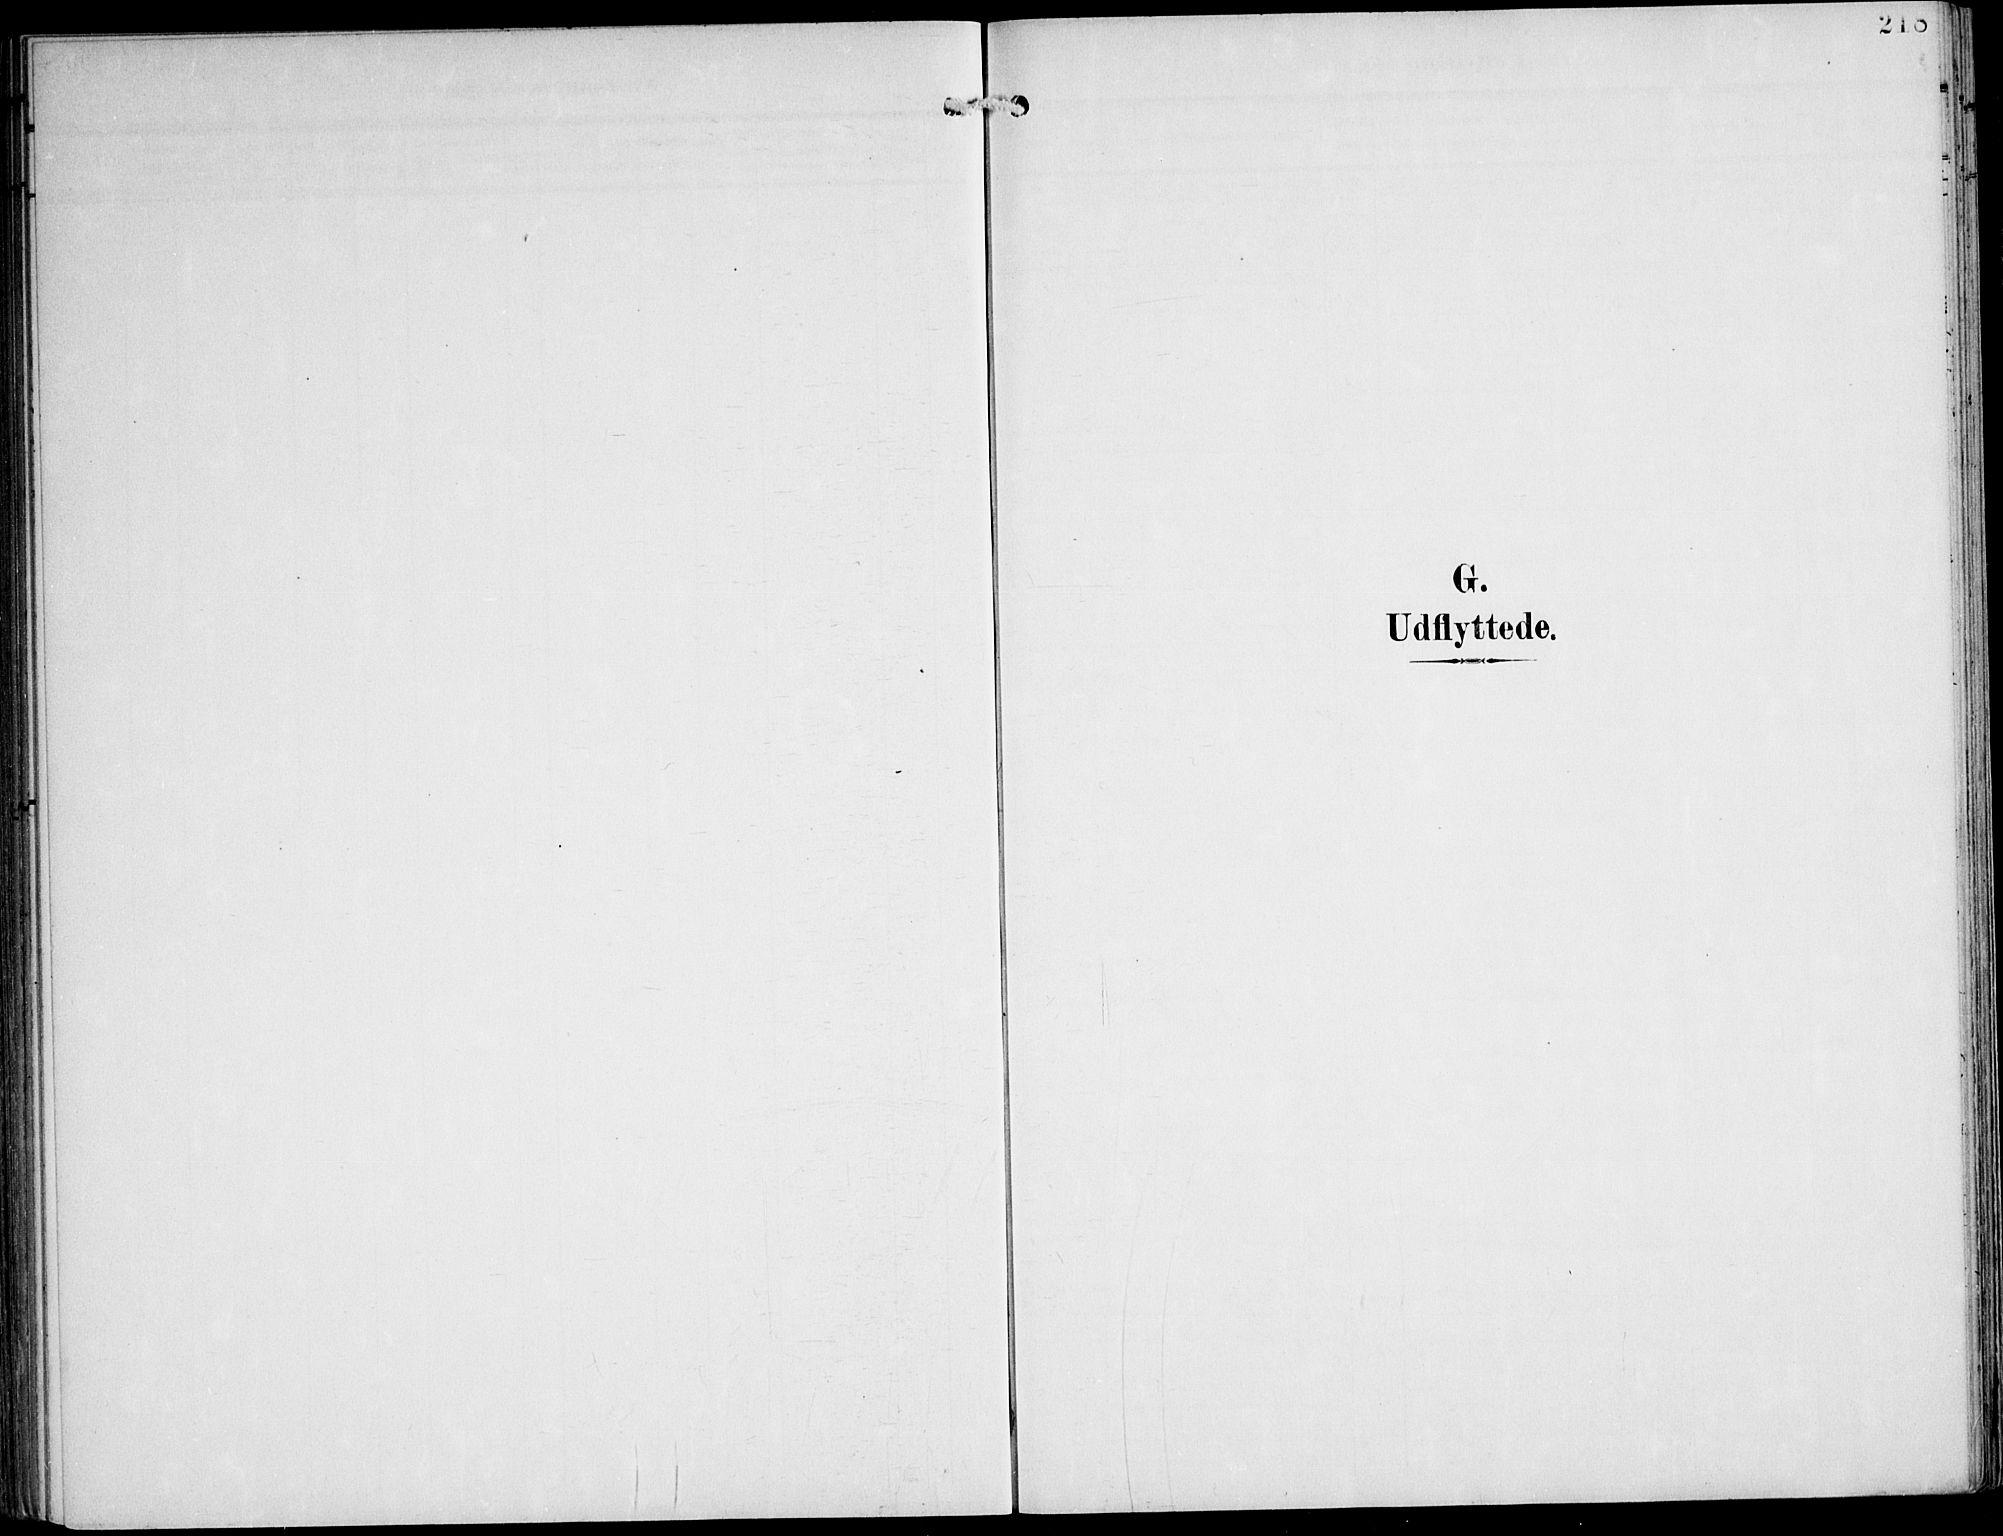 SAT, Ministerialprotokoller, klokkerbøker og fødselsregistre - Nord-Trøndelag, 788/L0698: Ministerialbok nr. 788A05, 1902-1921, s. 218